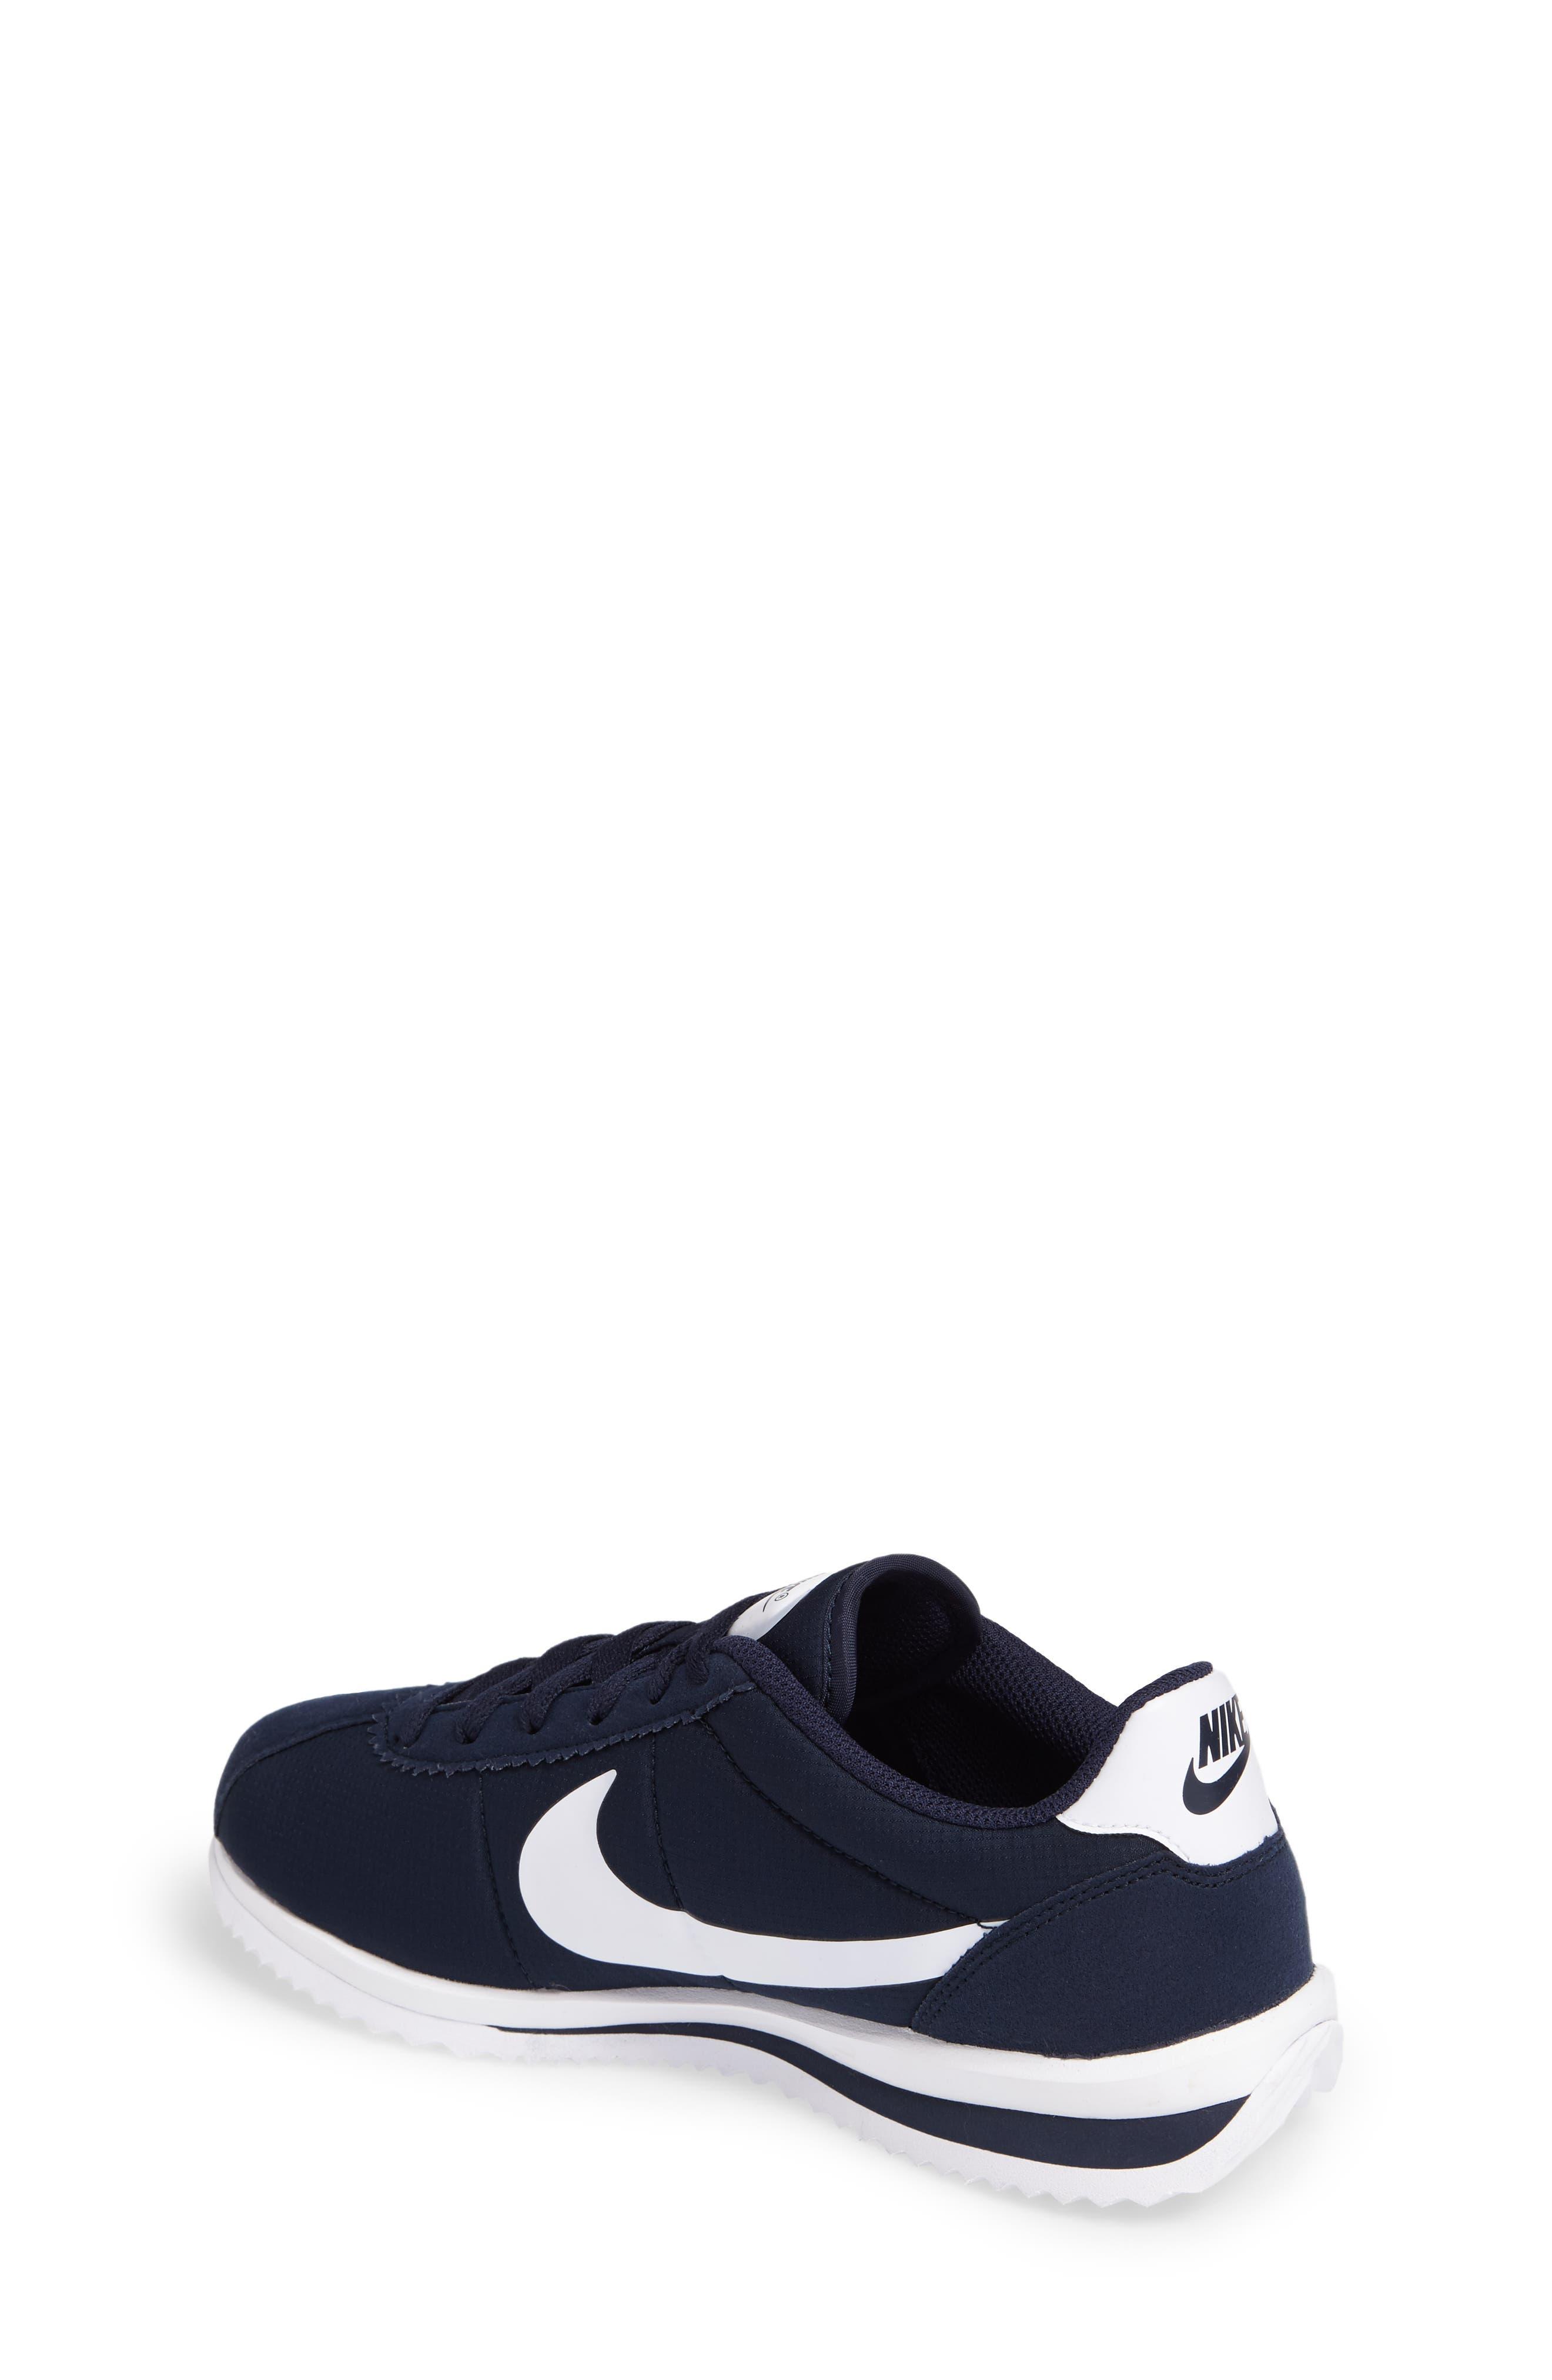 Cortez Sneaker,                             Alternate thumbnail 2, color,                             002